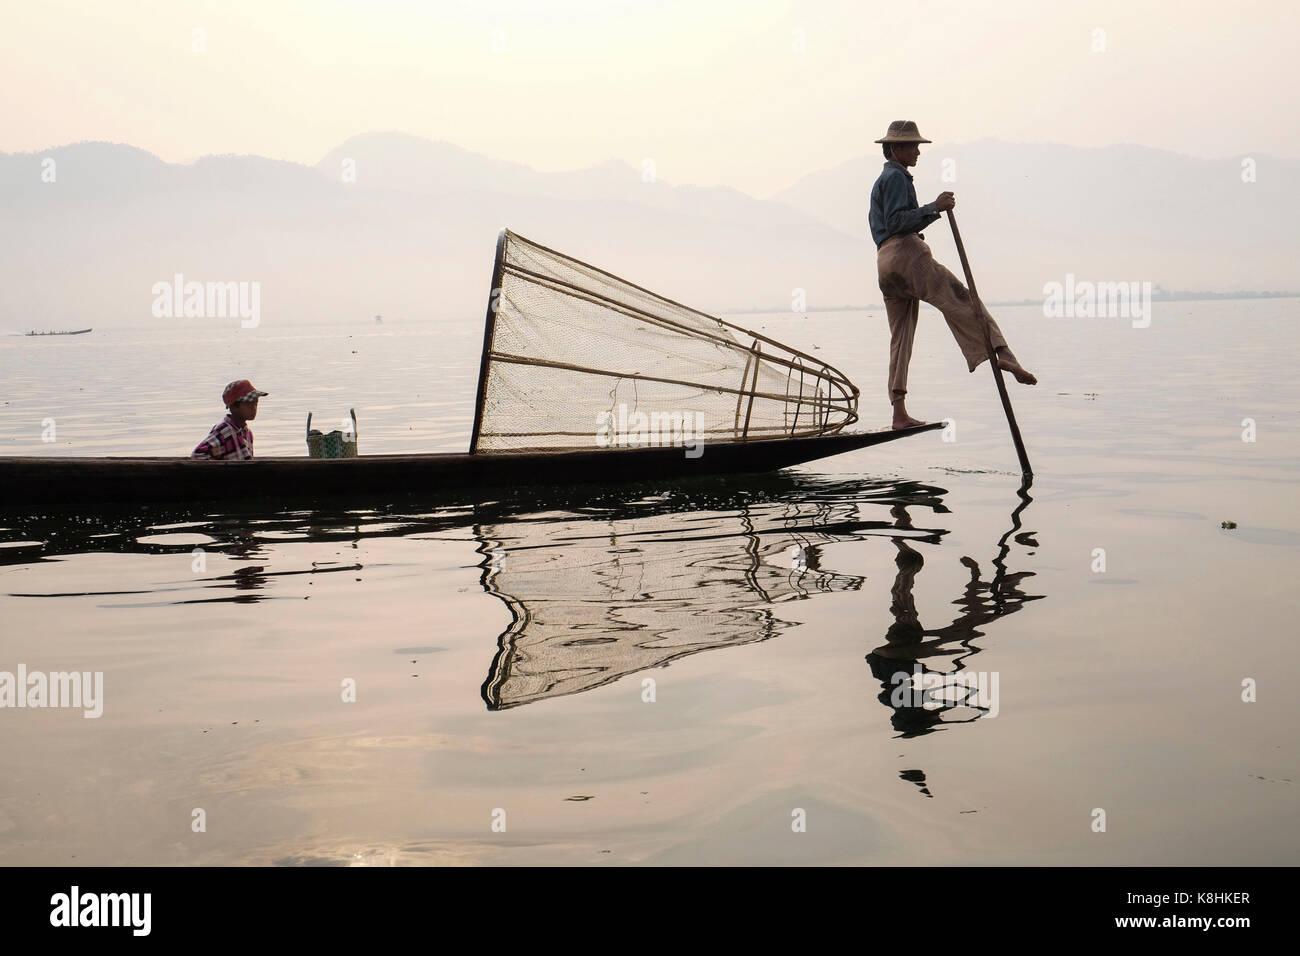 Birmania, Myanmar: pescador en una barcaza en el Lago Inle. Pescador con su hijo en una barcaza y cono de trampa de peces Foto de stock